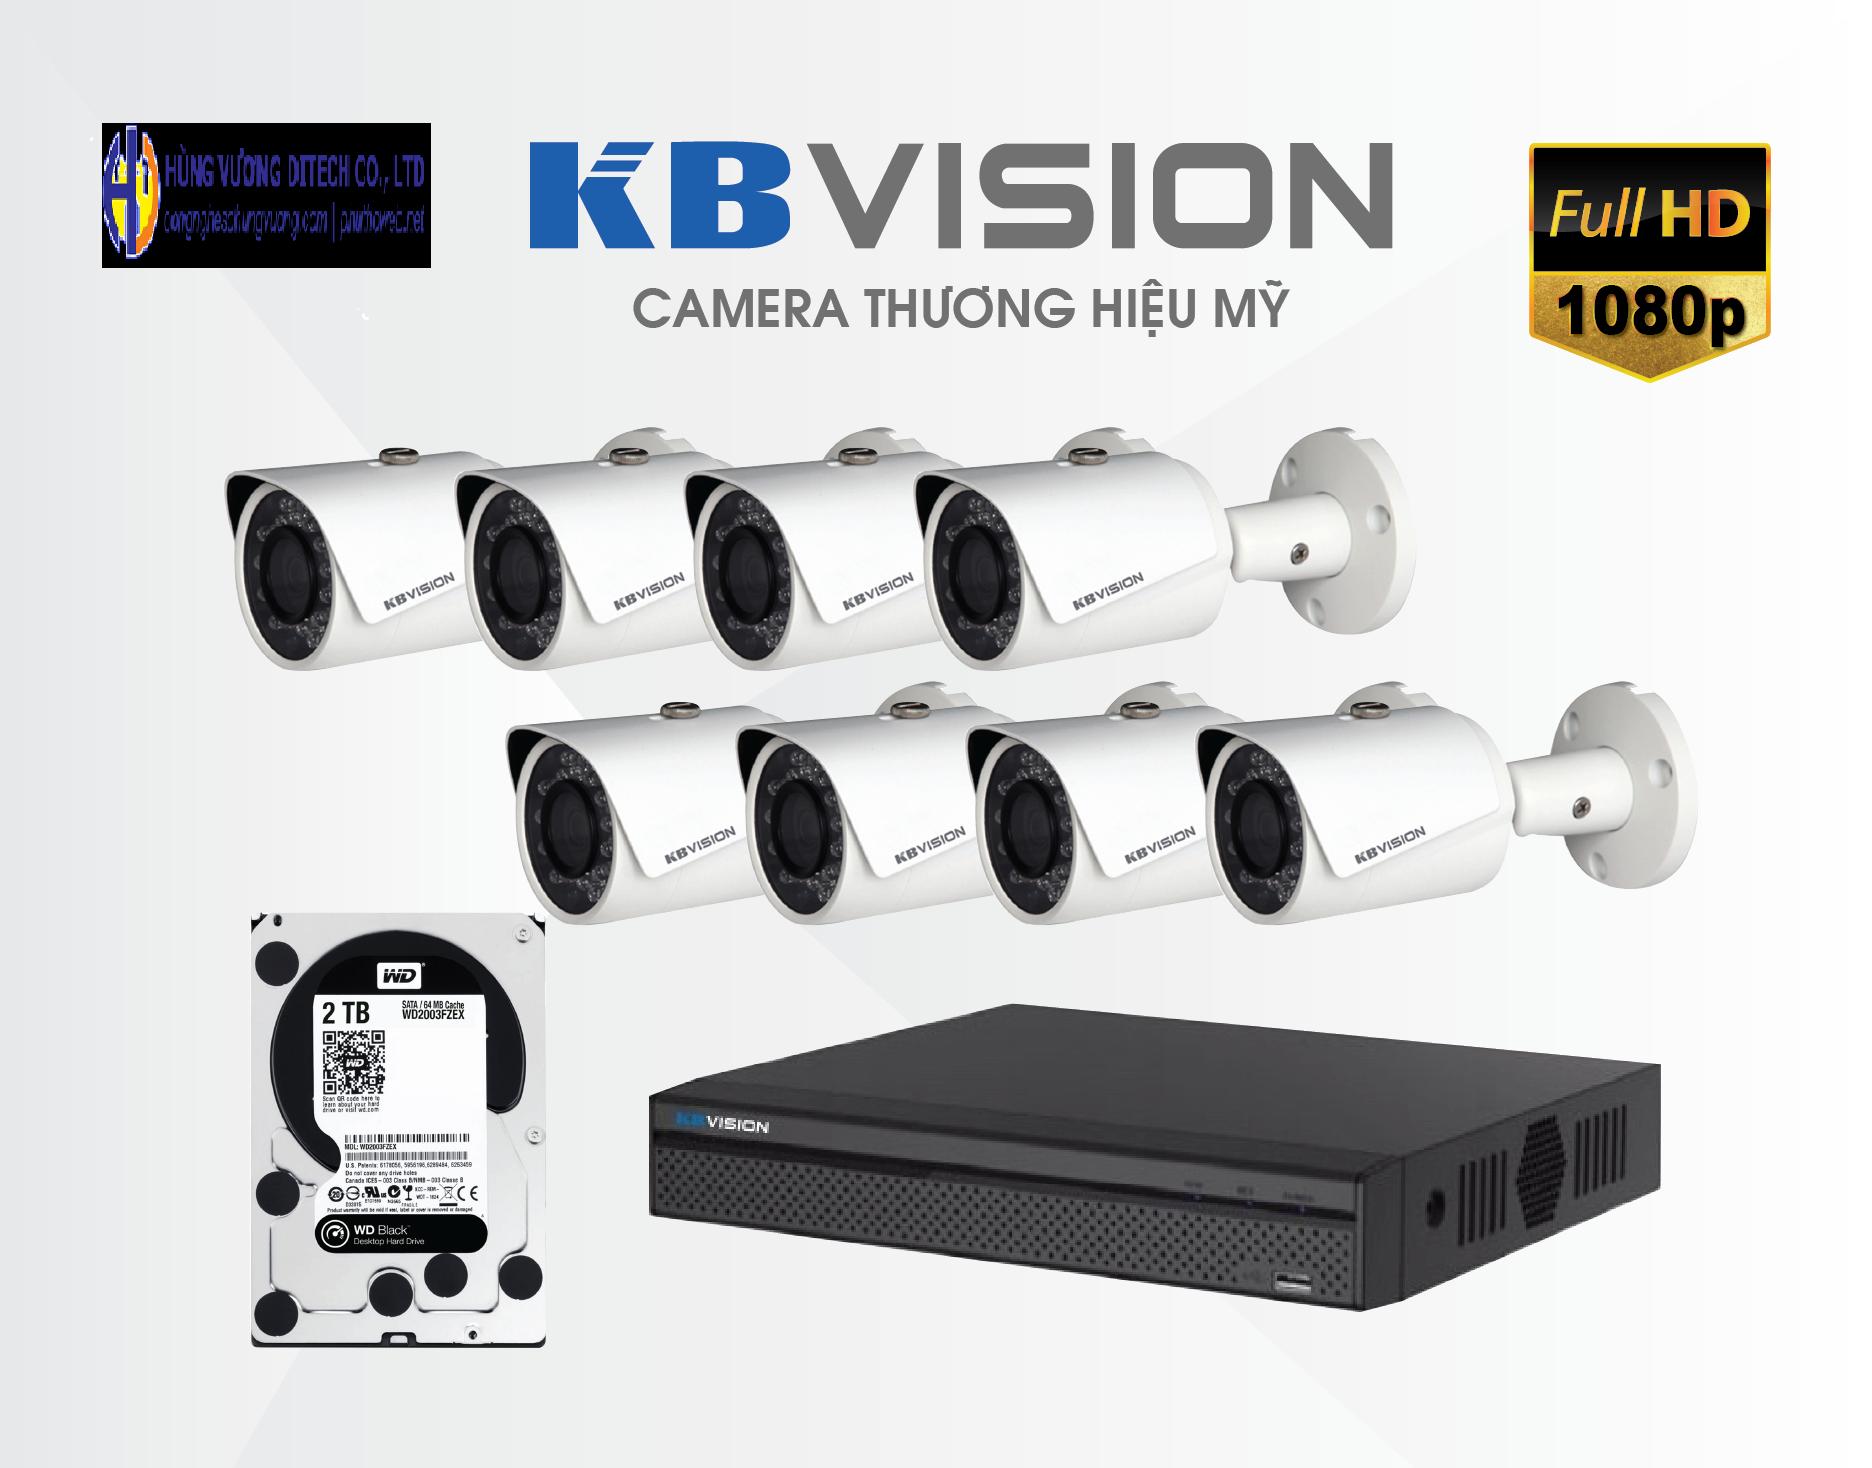 Trọn bộ Camera có dây, kết nối ổn định và liên tục, giúp bạn quan sát người cao tuổi một cách tốt nhất có thể